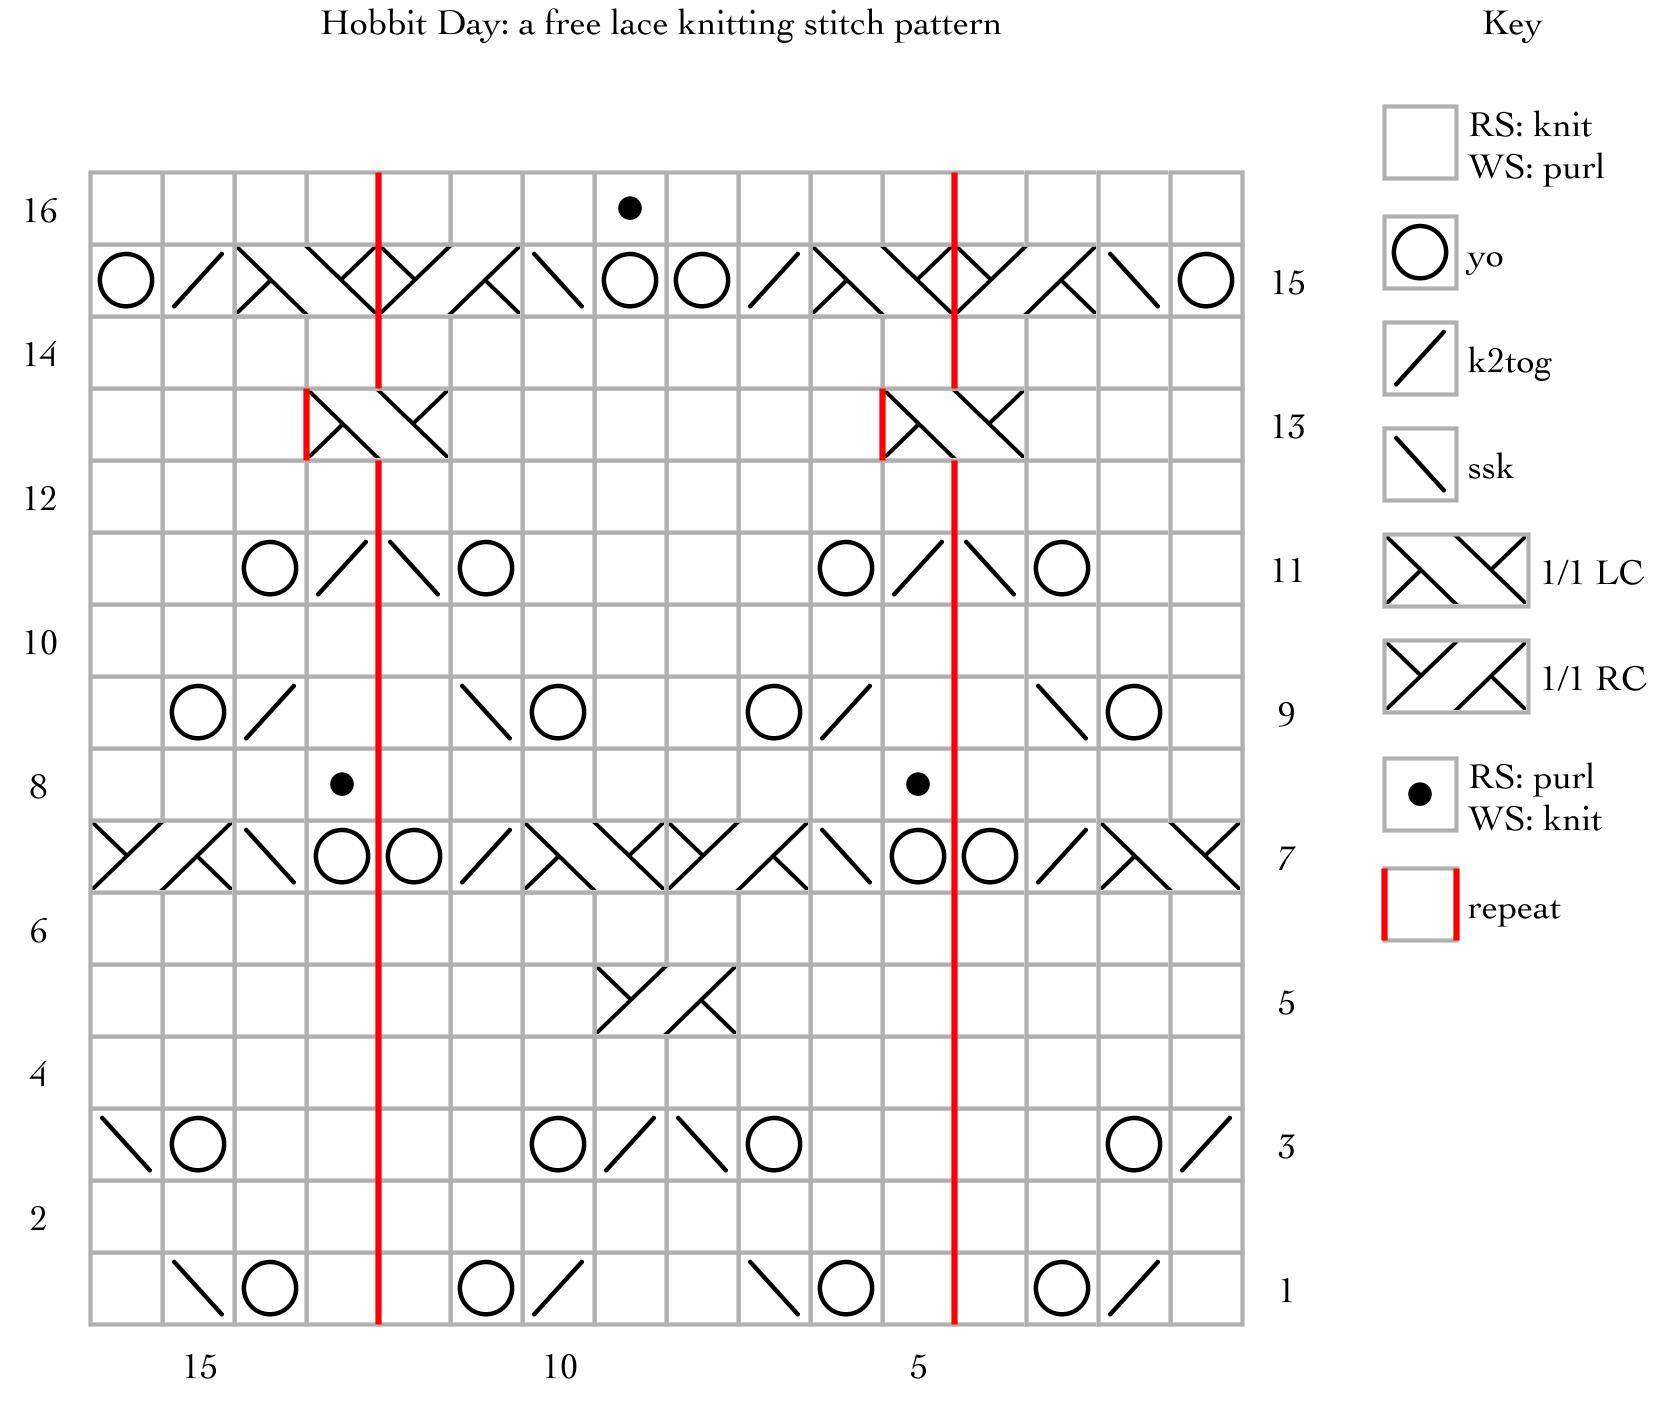 Hobbit Day: a free lace knitting stitch pattern